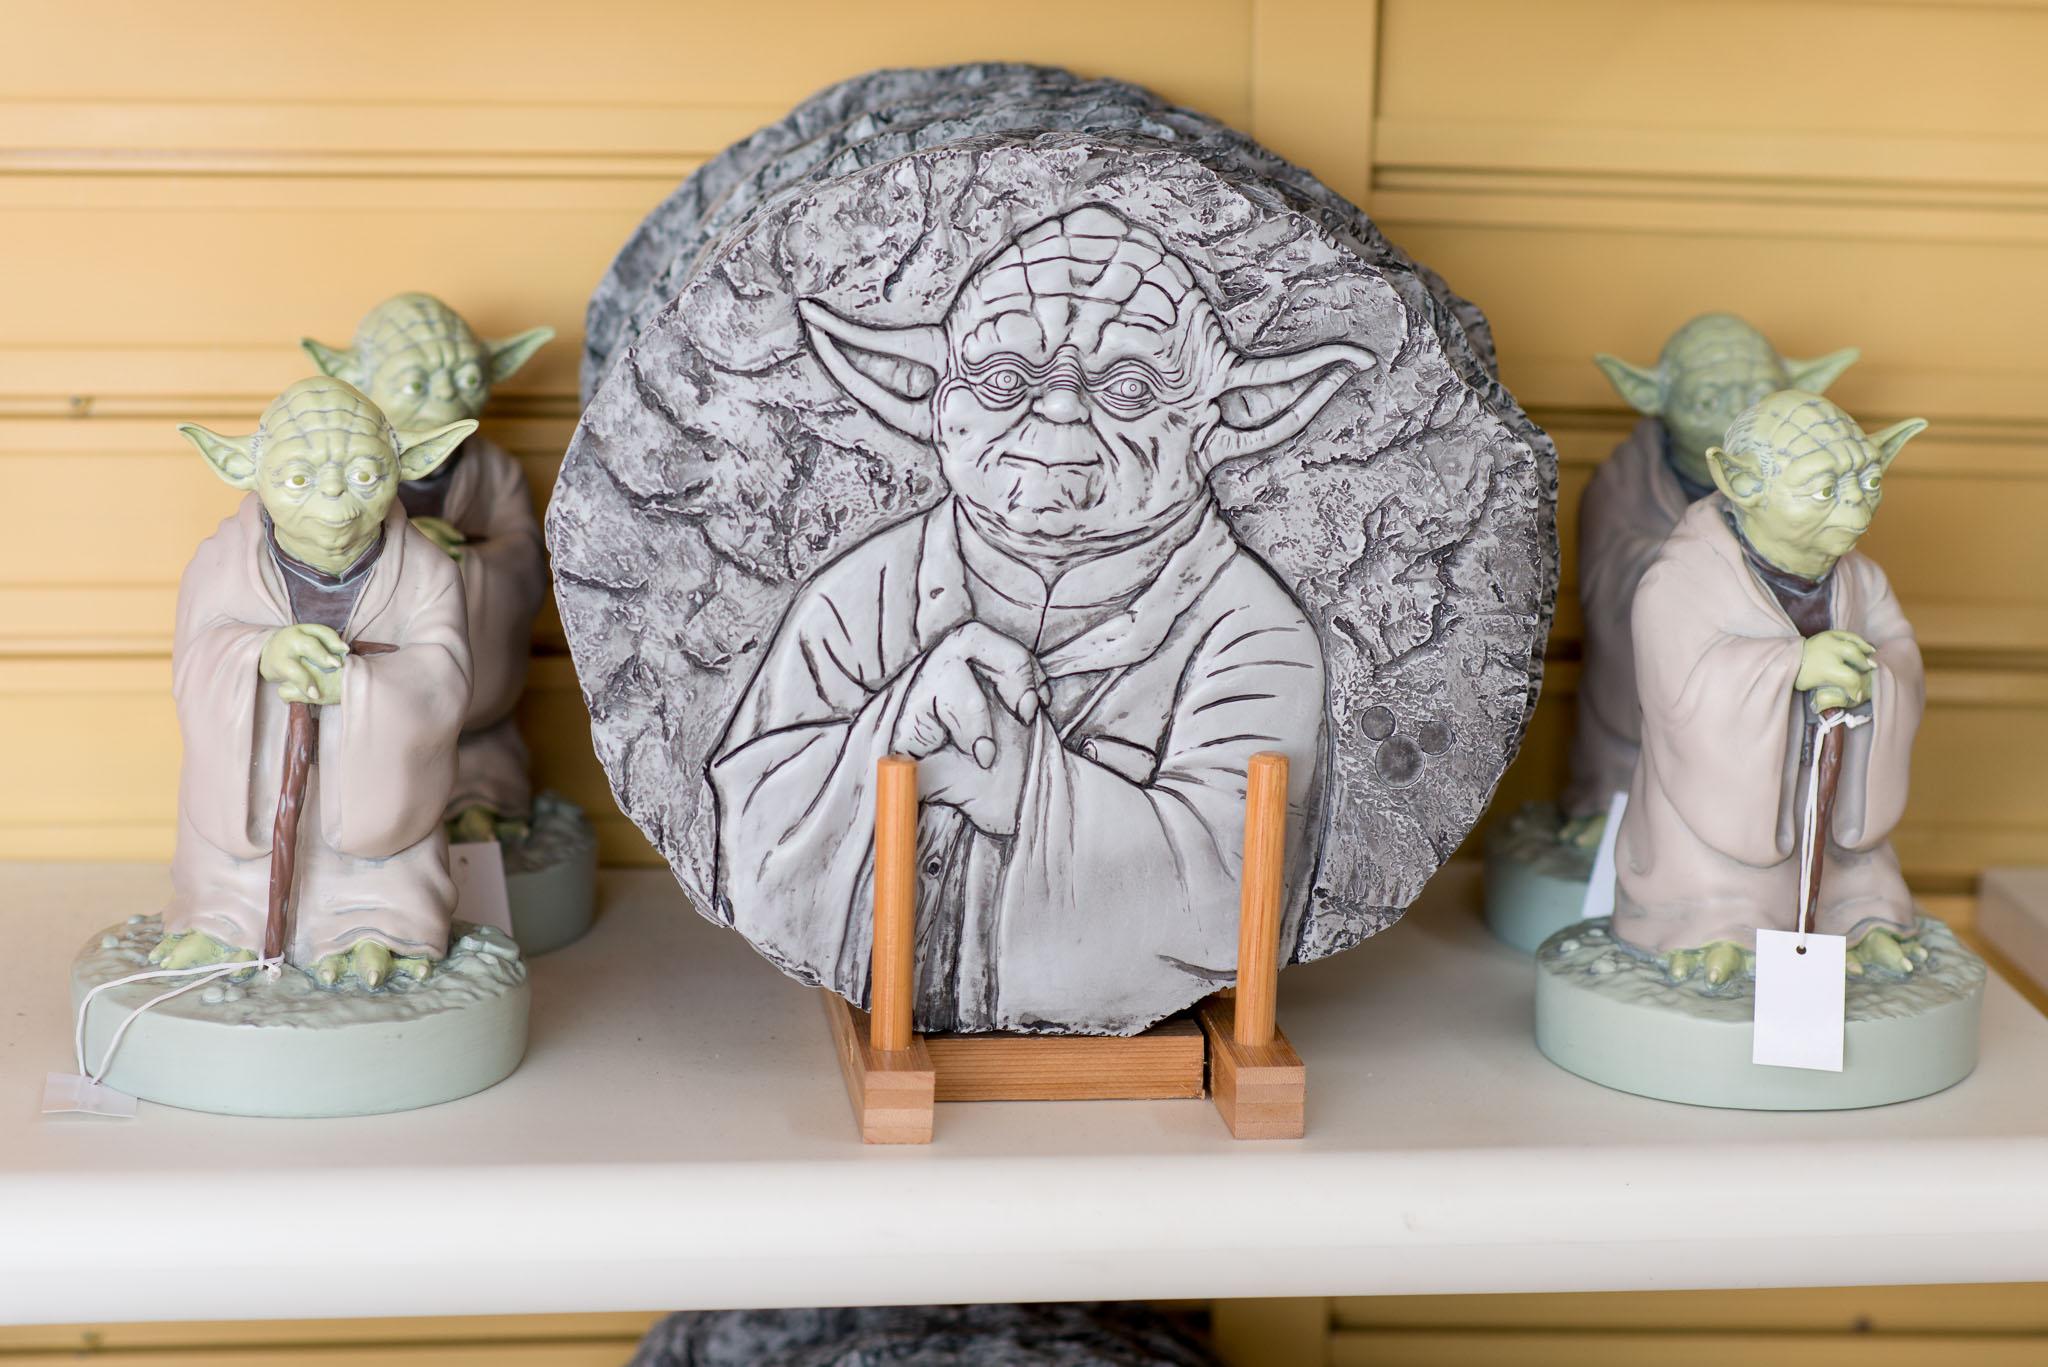 Yoda Paver - Epcot Flower & Garden Festival 2016